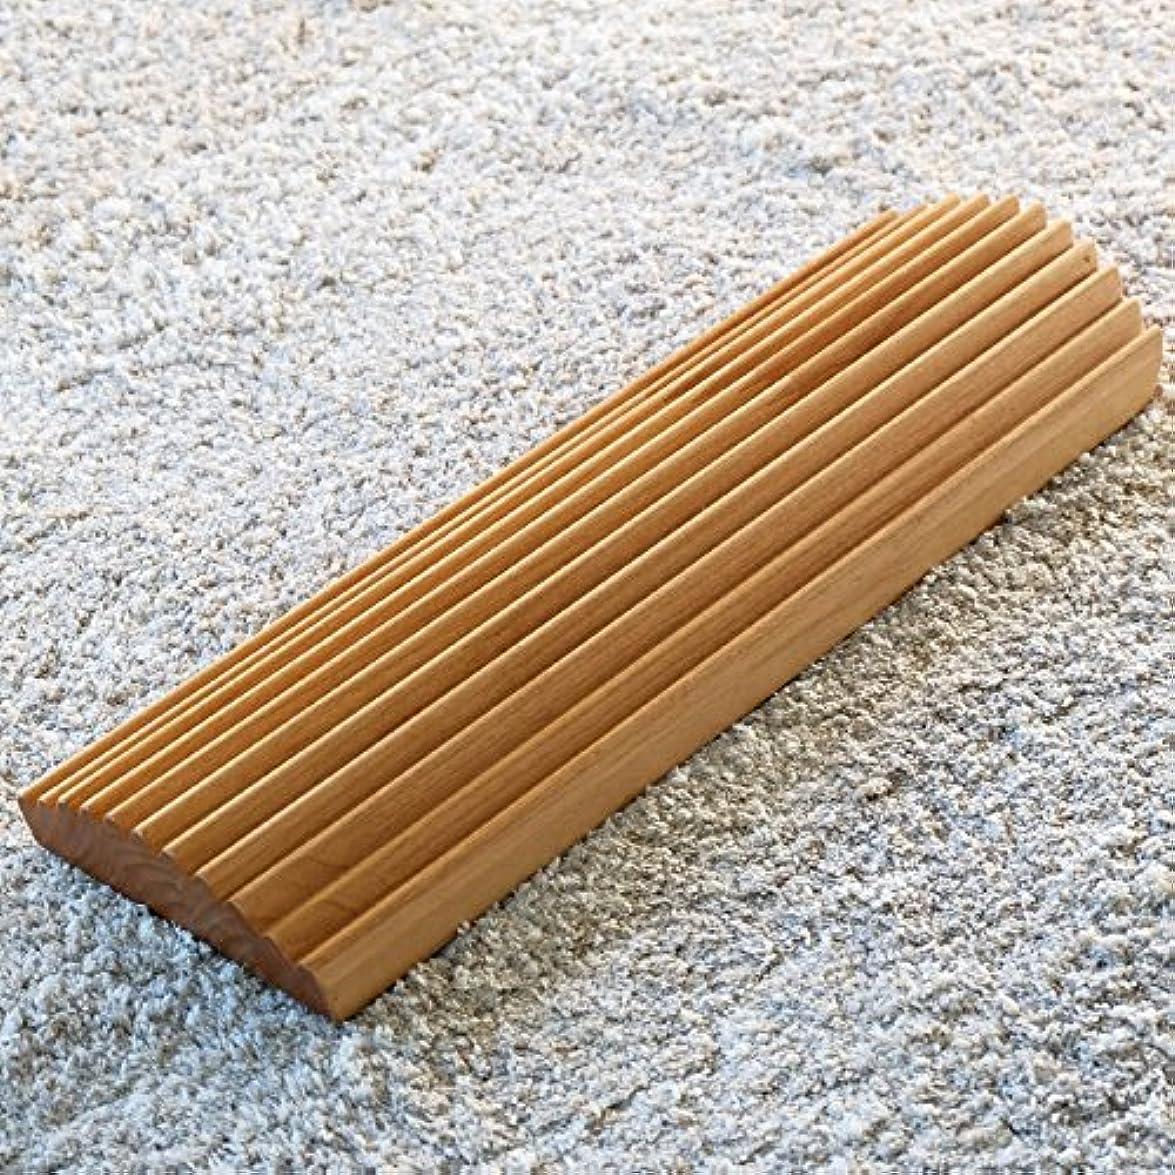 踊り子時刻表シルエットISSEIKI 足踏み アルダー材 幅40cm FIT ASIFUMI 40 (NA) フットケア 木製 おしゃれ プレゼント 指圧代用 FIT ASIFUMI 40 (AL-NA)